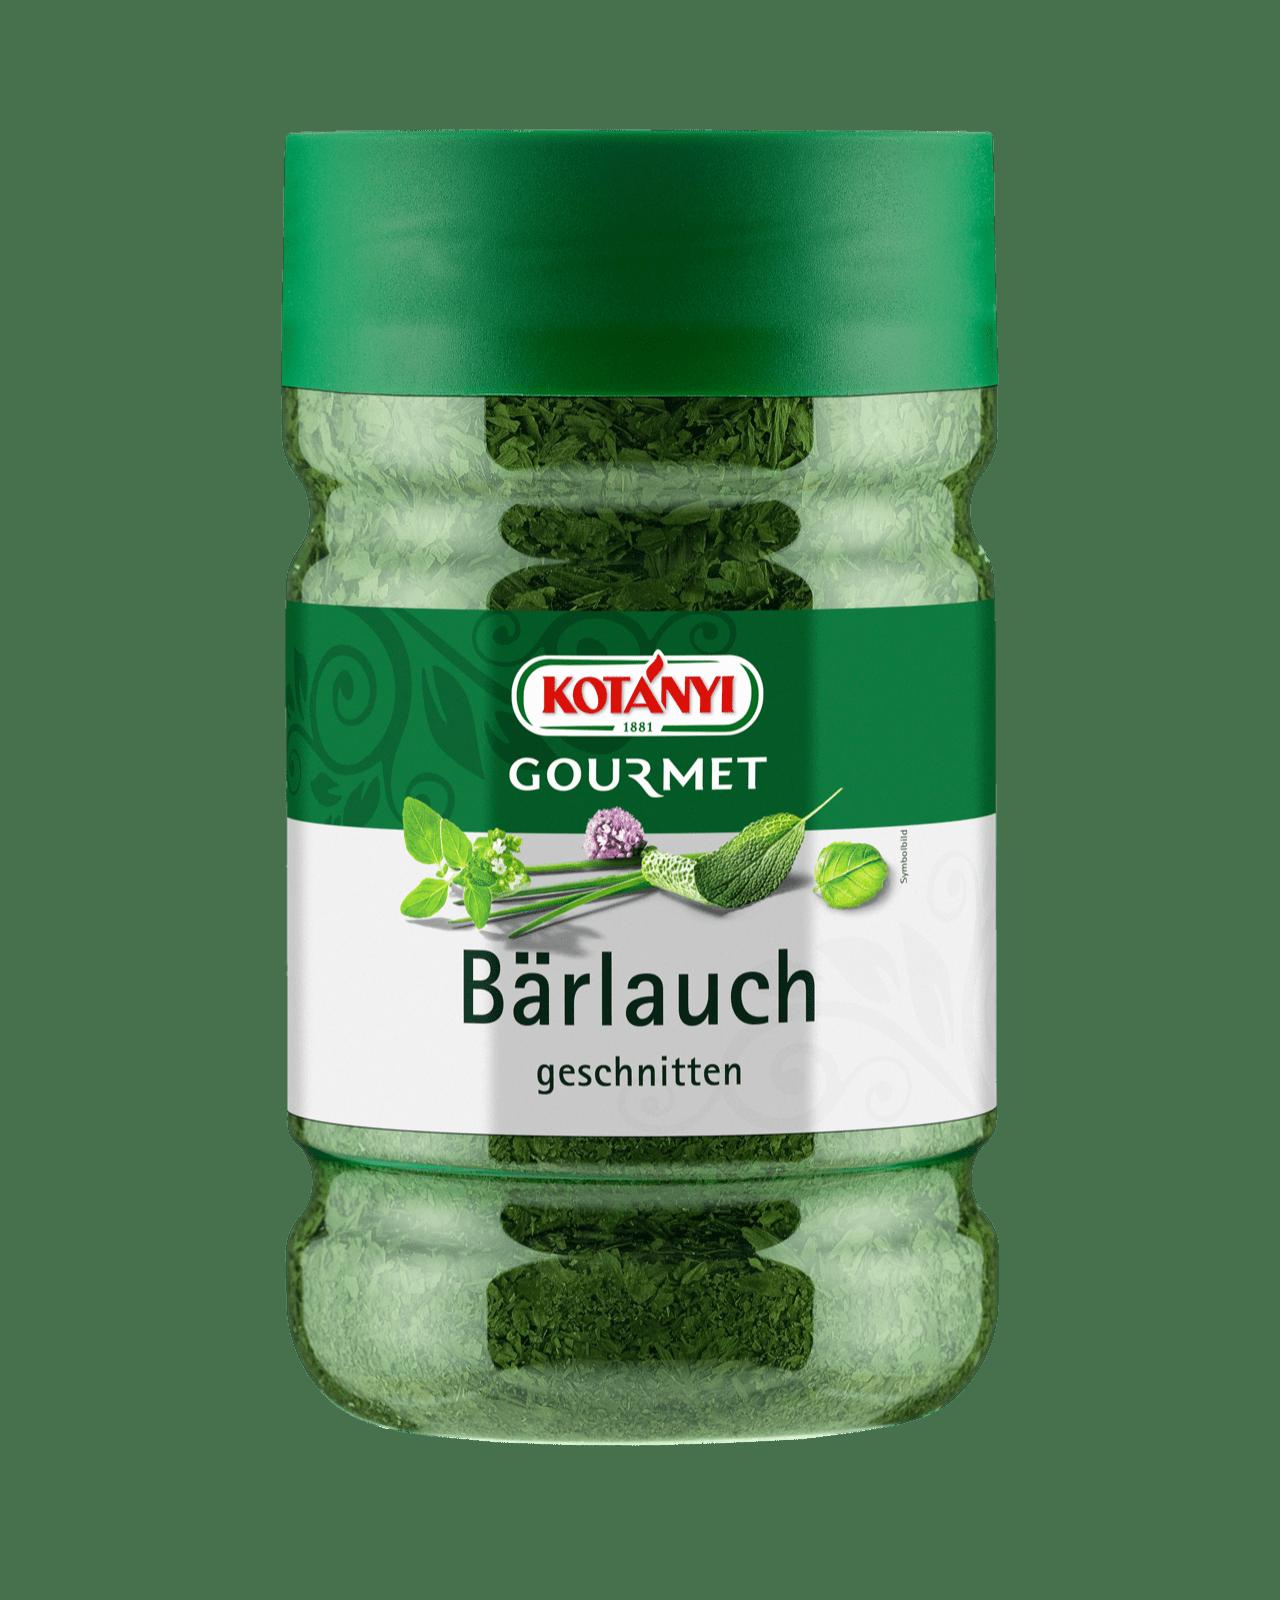 Kotányi Gourmet Bärlauch geschnitten in der 1200ccm Dose